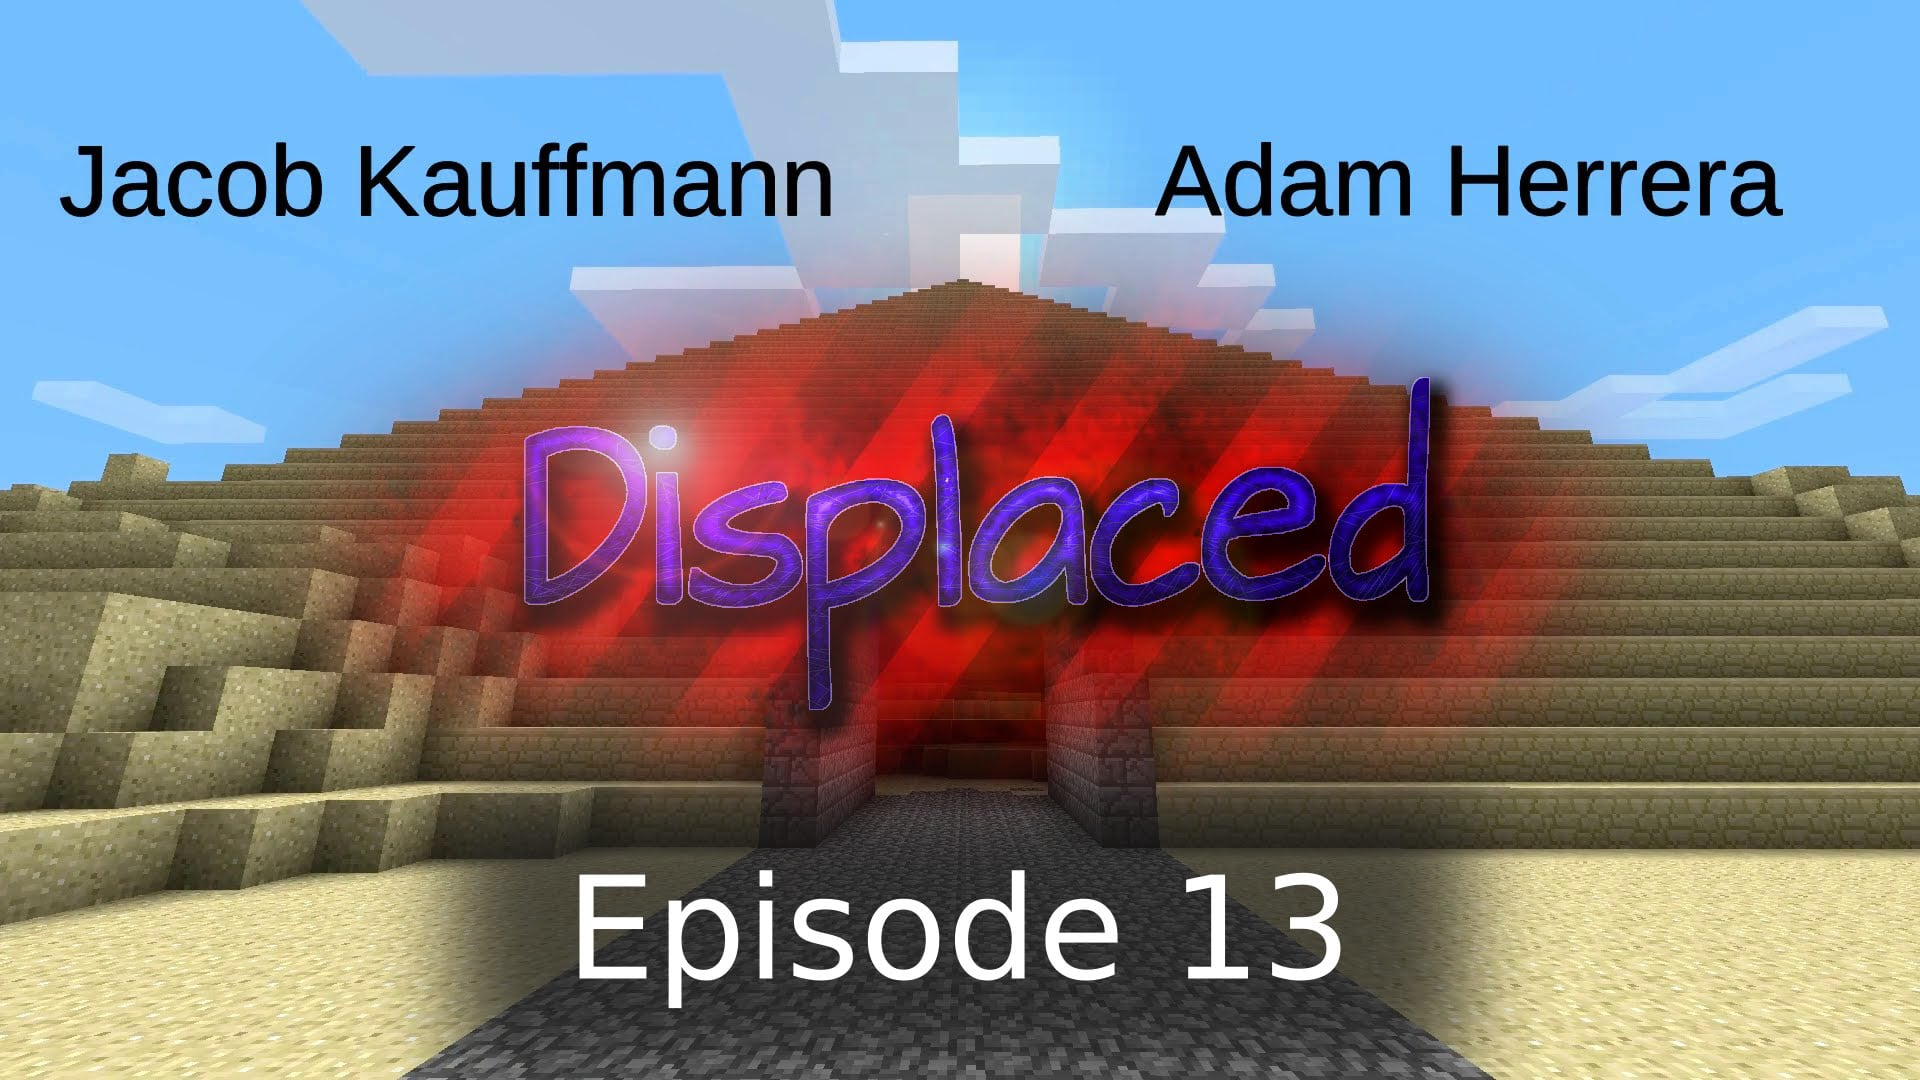 Episode 13 - Displaced